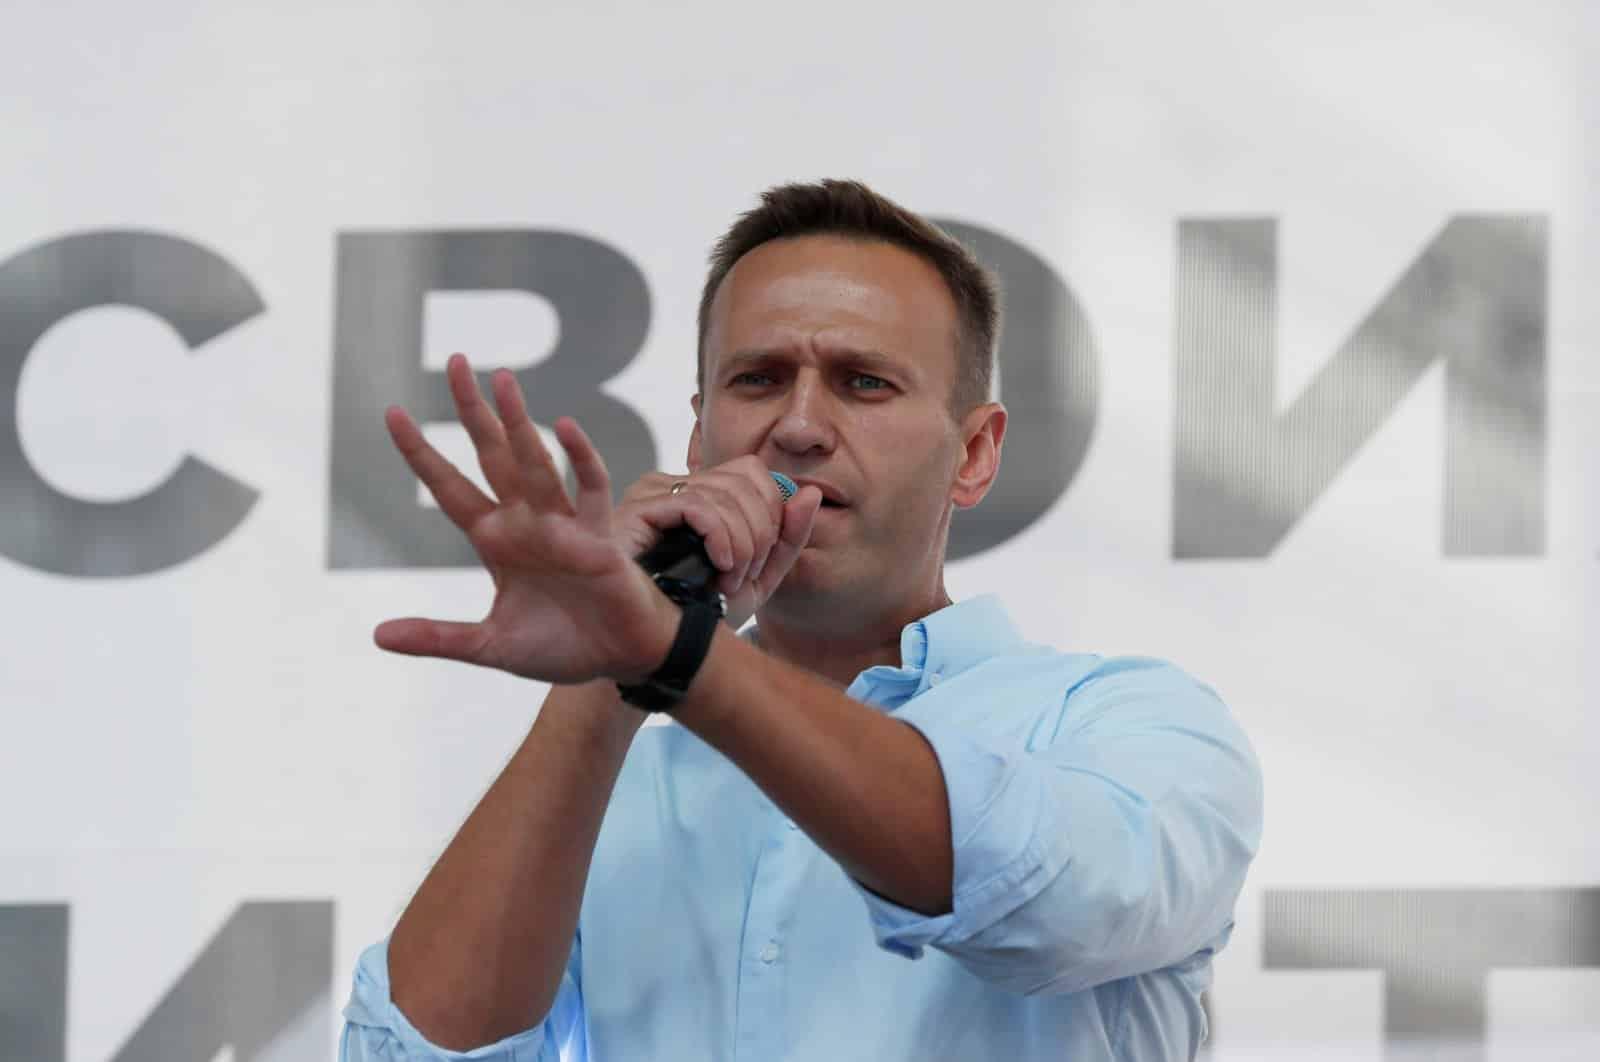 Алексей Навальный вышел из комы и готов рассказать что с ним случилось